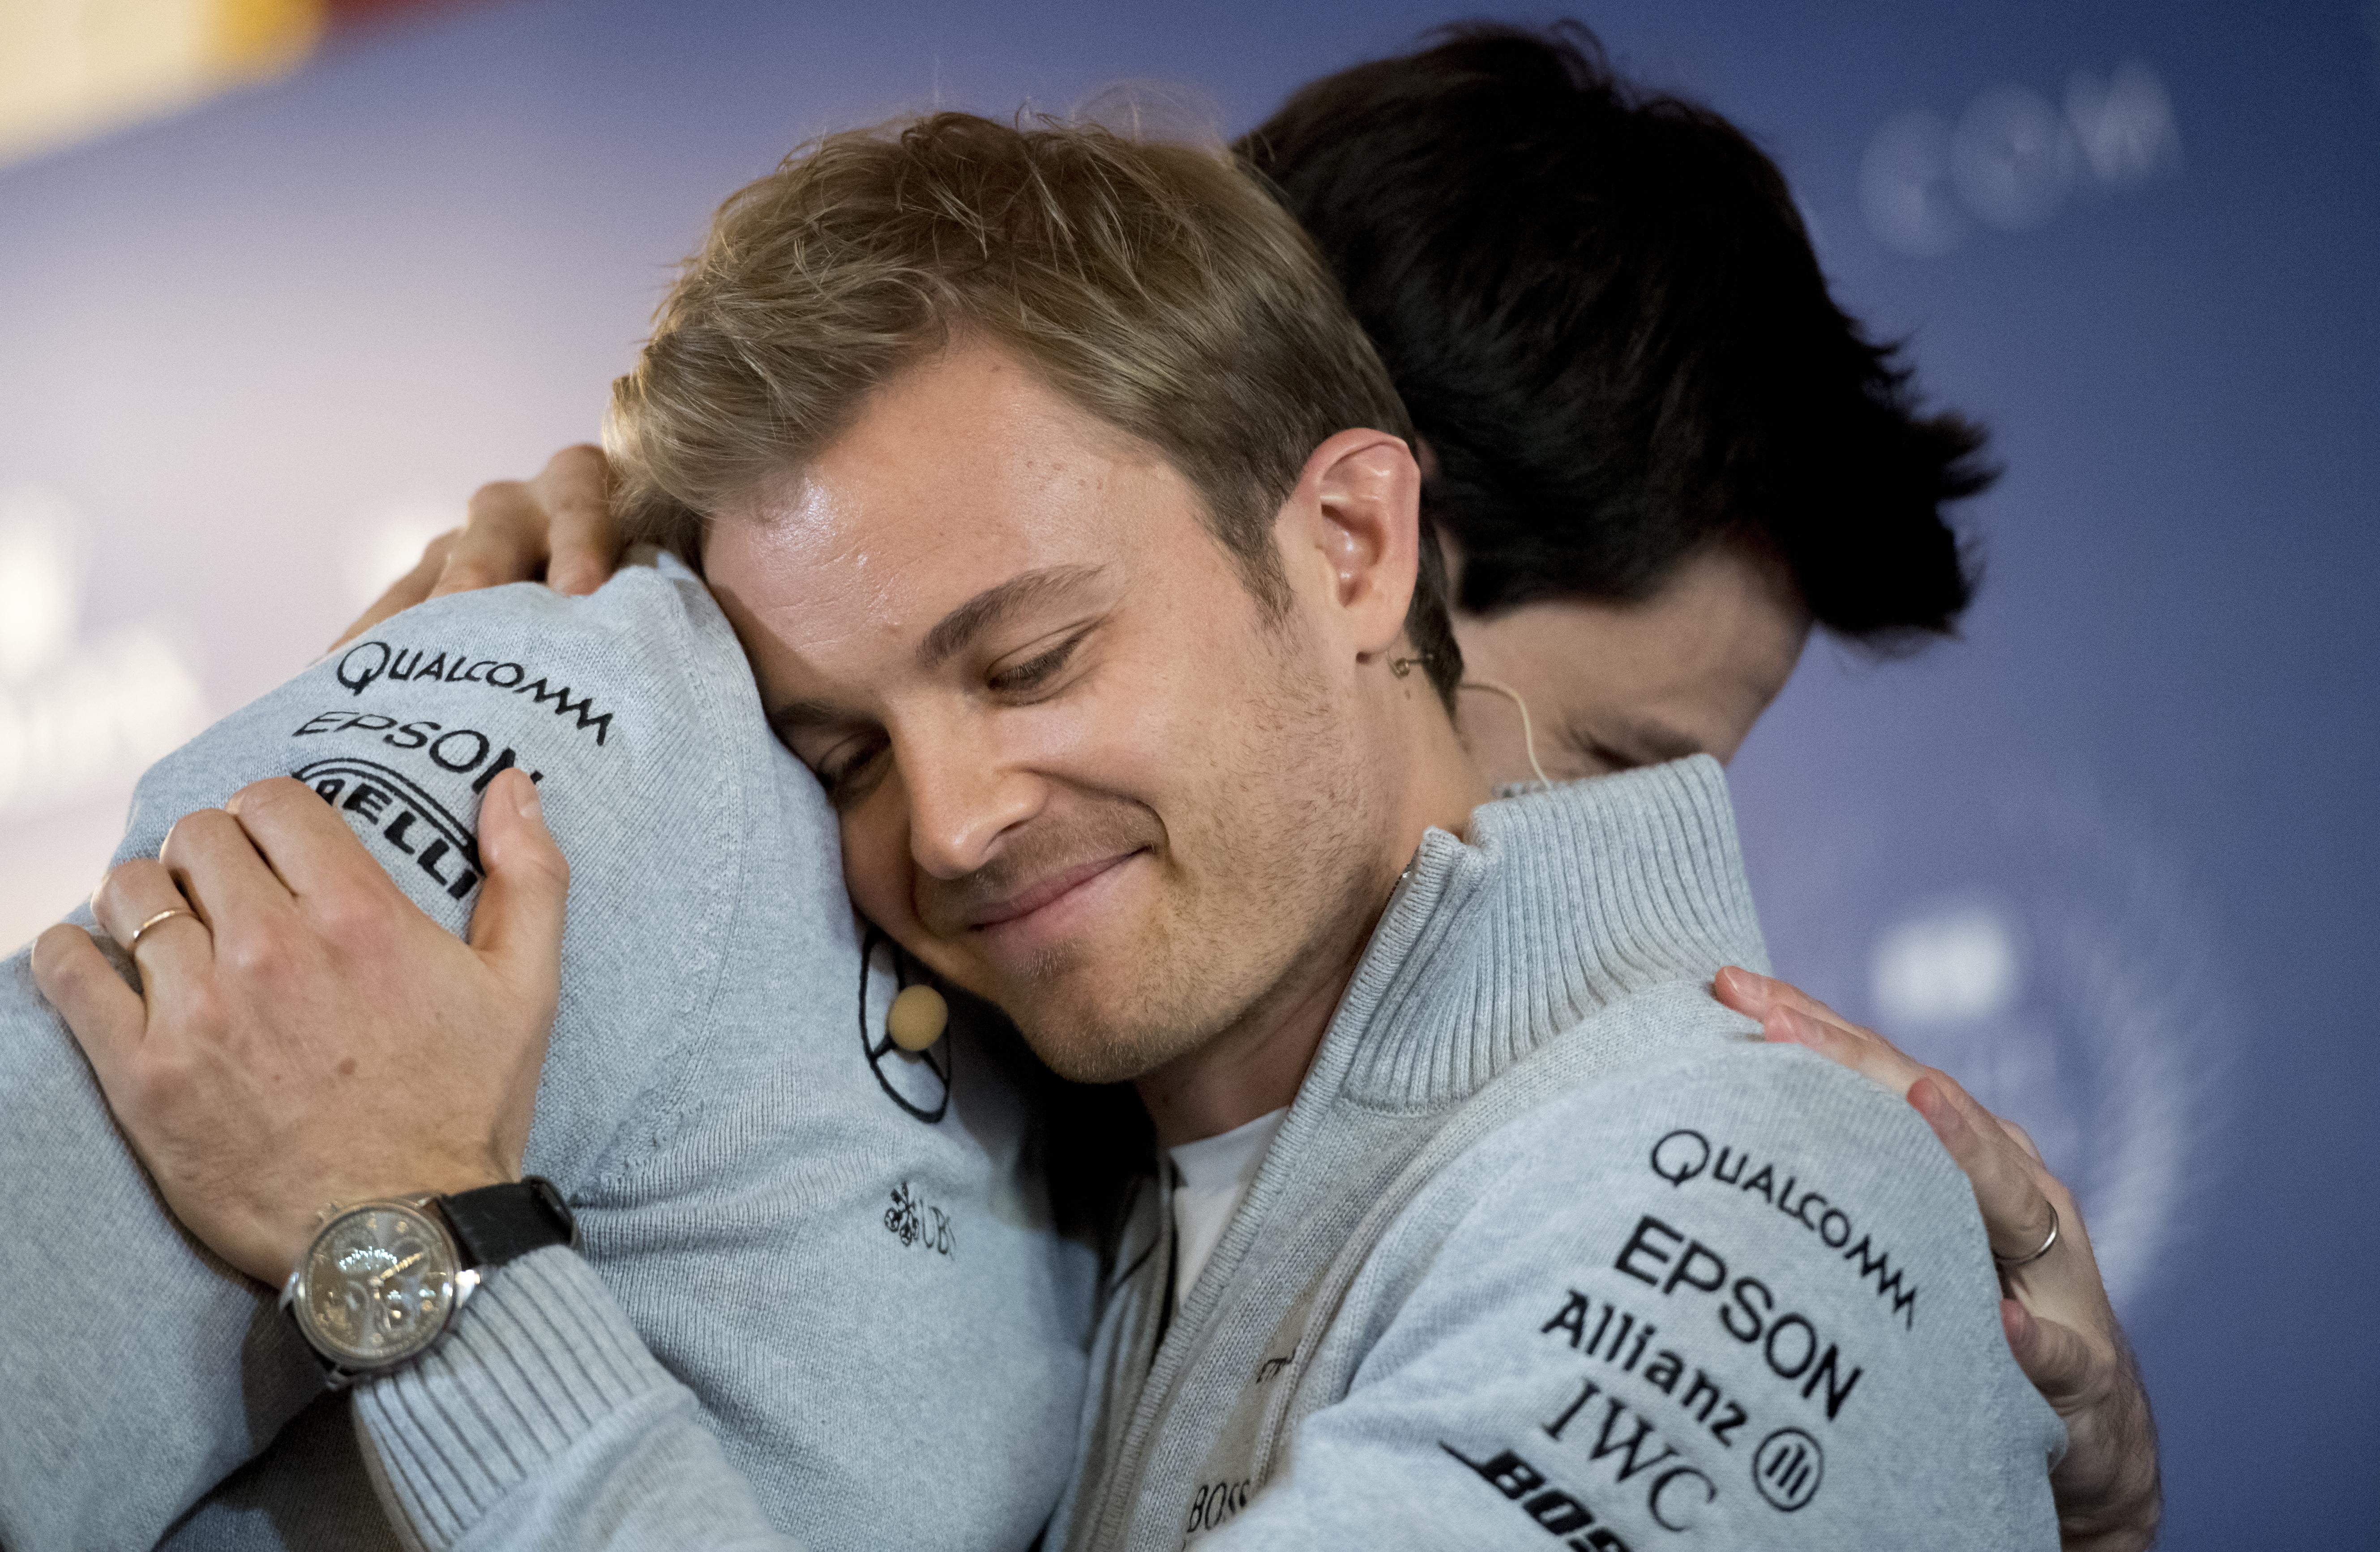 A sorpresa Nico Rosberg ha annunciato il ritiro dalla Formula 1. Il neo campione del mondo lo ha comunicato sui social e nel corso della conferenza stampa del FIA Prize Giving Gala, che si è tenuta al Hofburg palace di Vienna, alla presenza del direttore esecutivo della Mercedes, Toto Wolff.